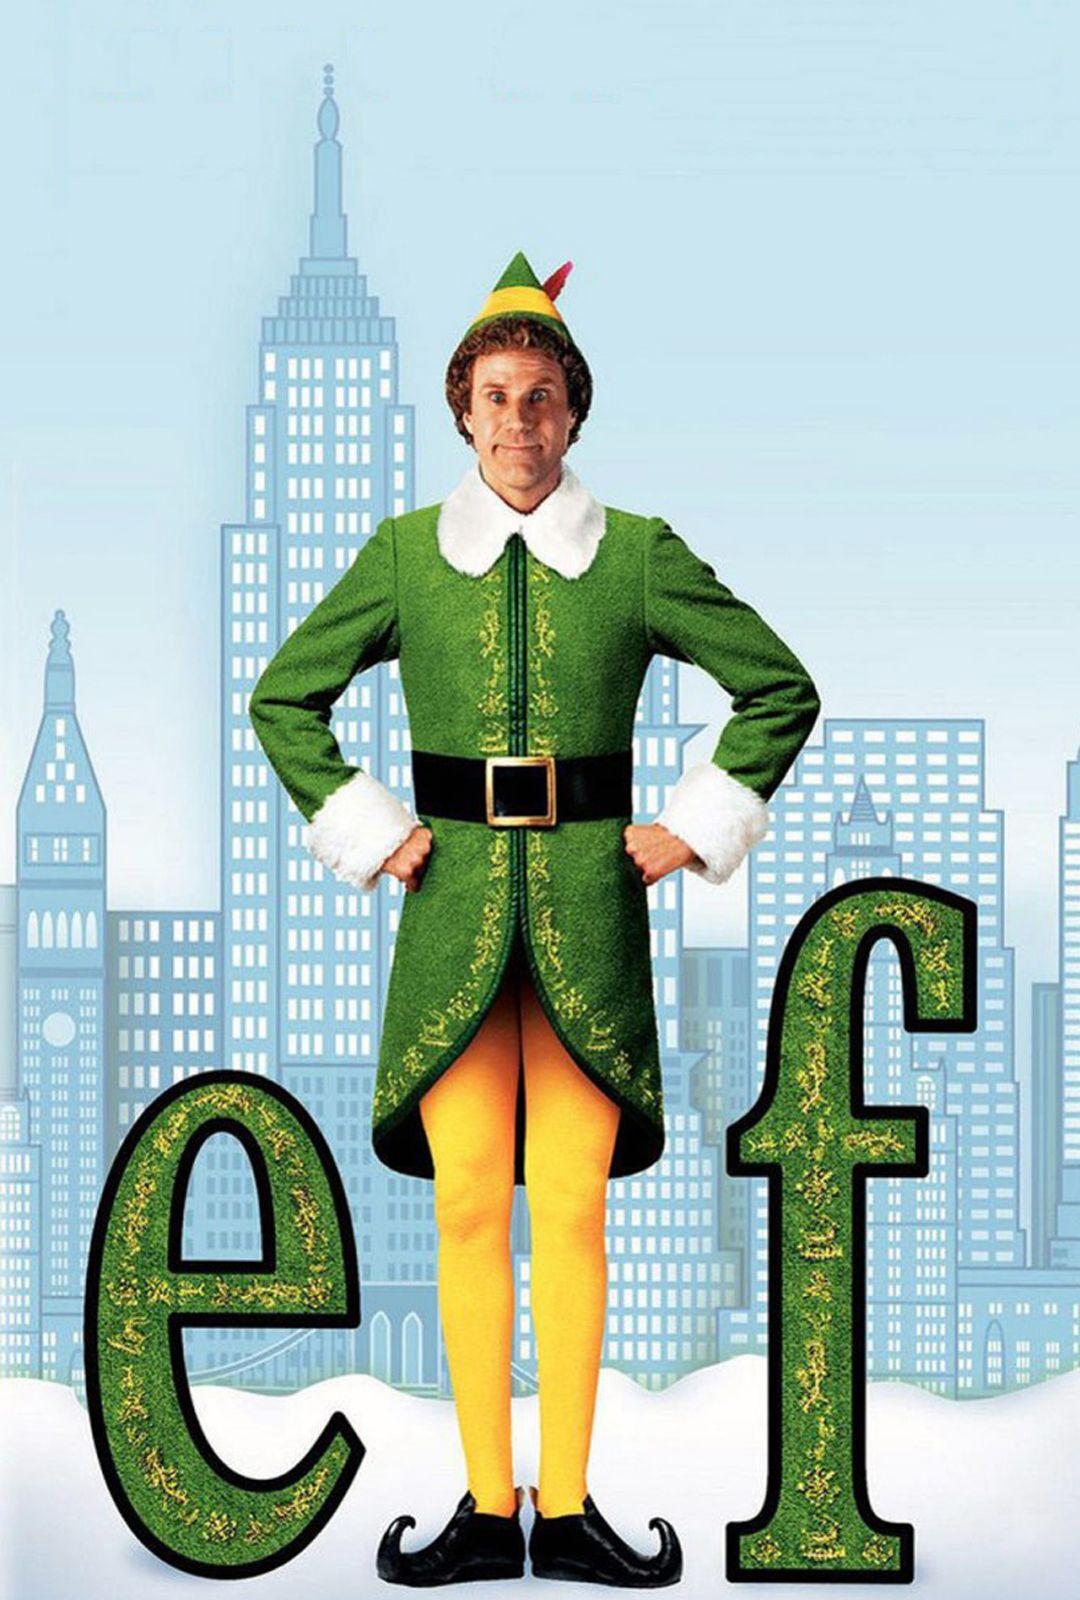 Christmas Movies List Christmas Movies On Netflix Christmas Movies To Watch And Best Christmas Movies Best Christmas Movies Best Holiday Movies Elf Movie